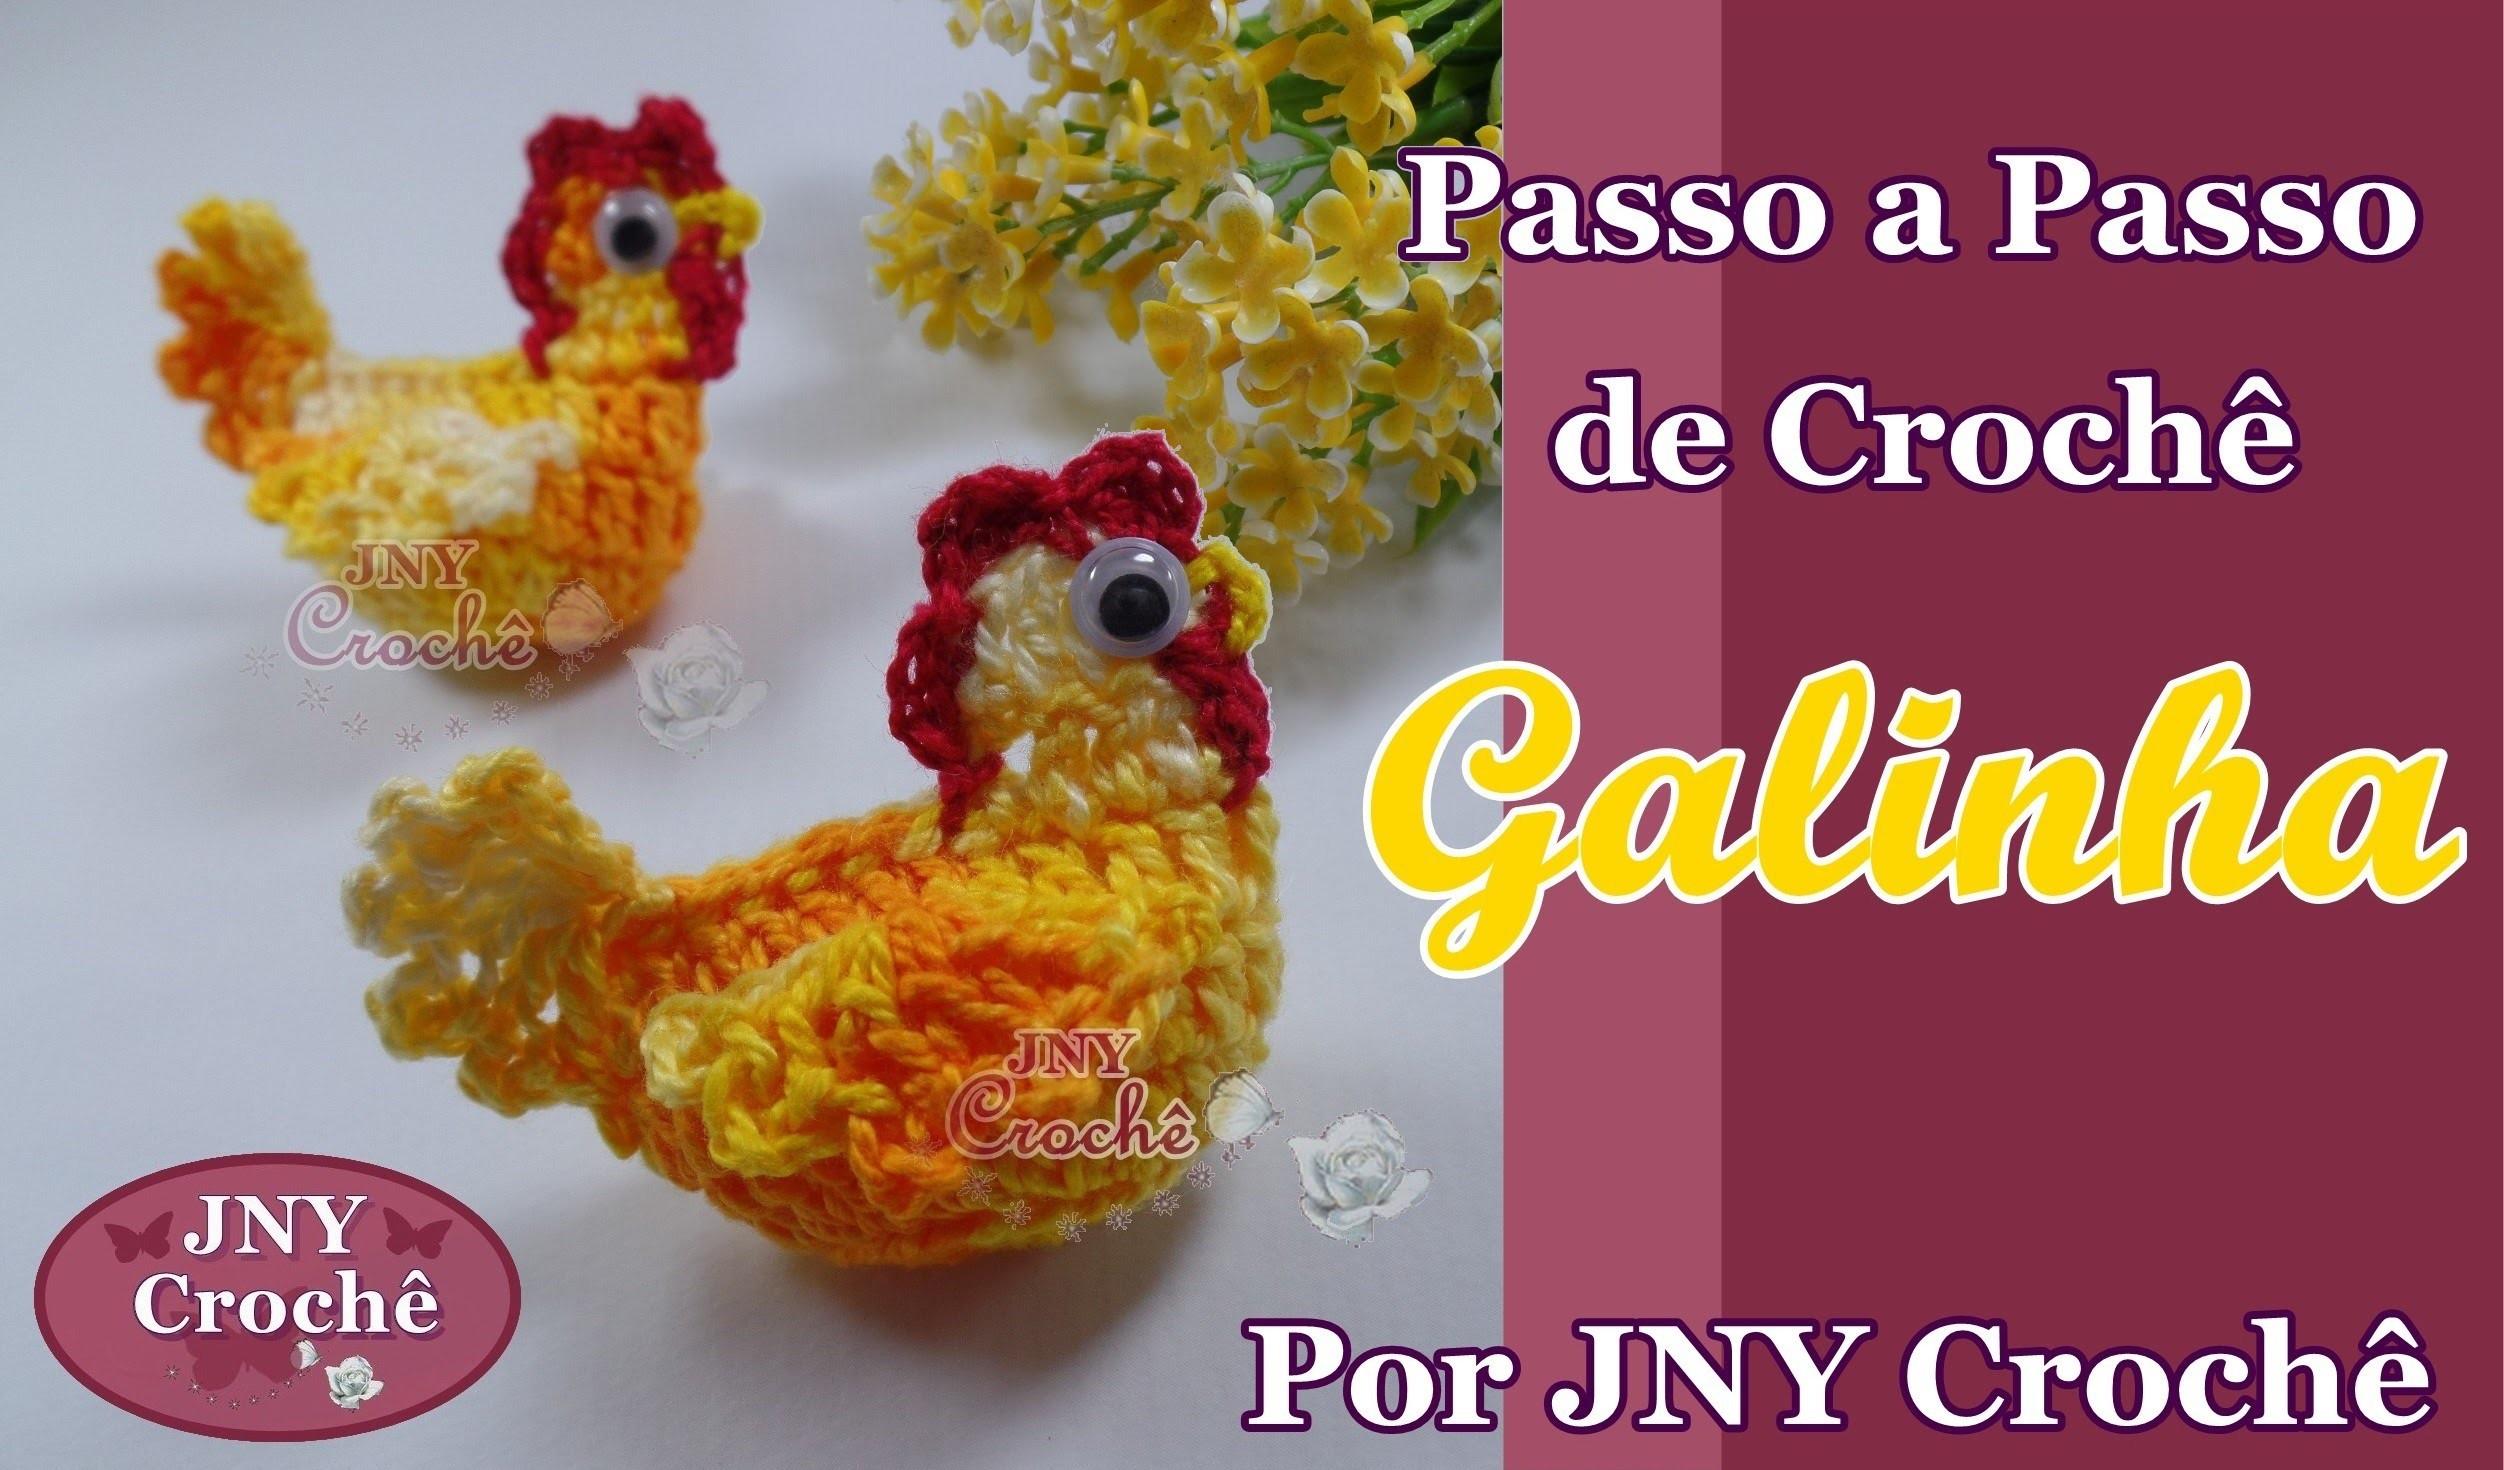 Passo a Passo de Crochê Galinha por JNY Crochê